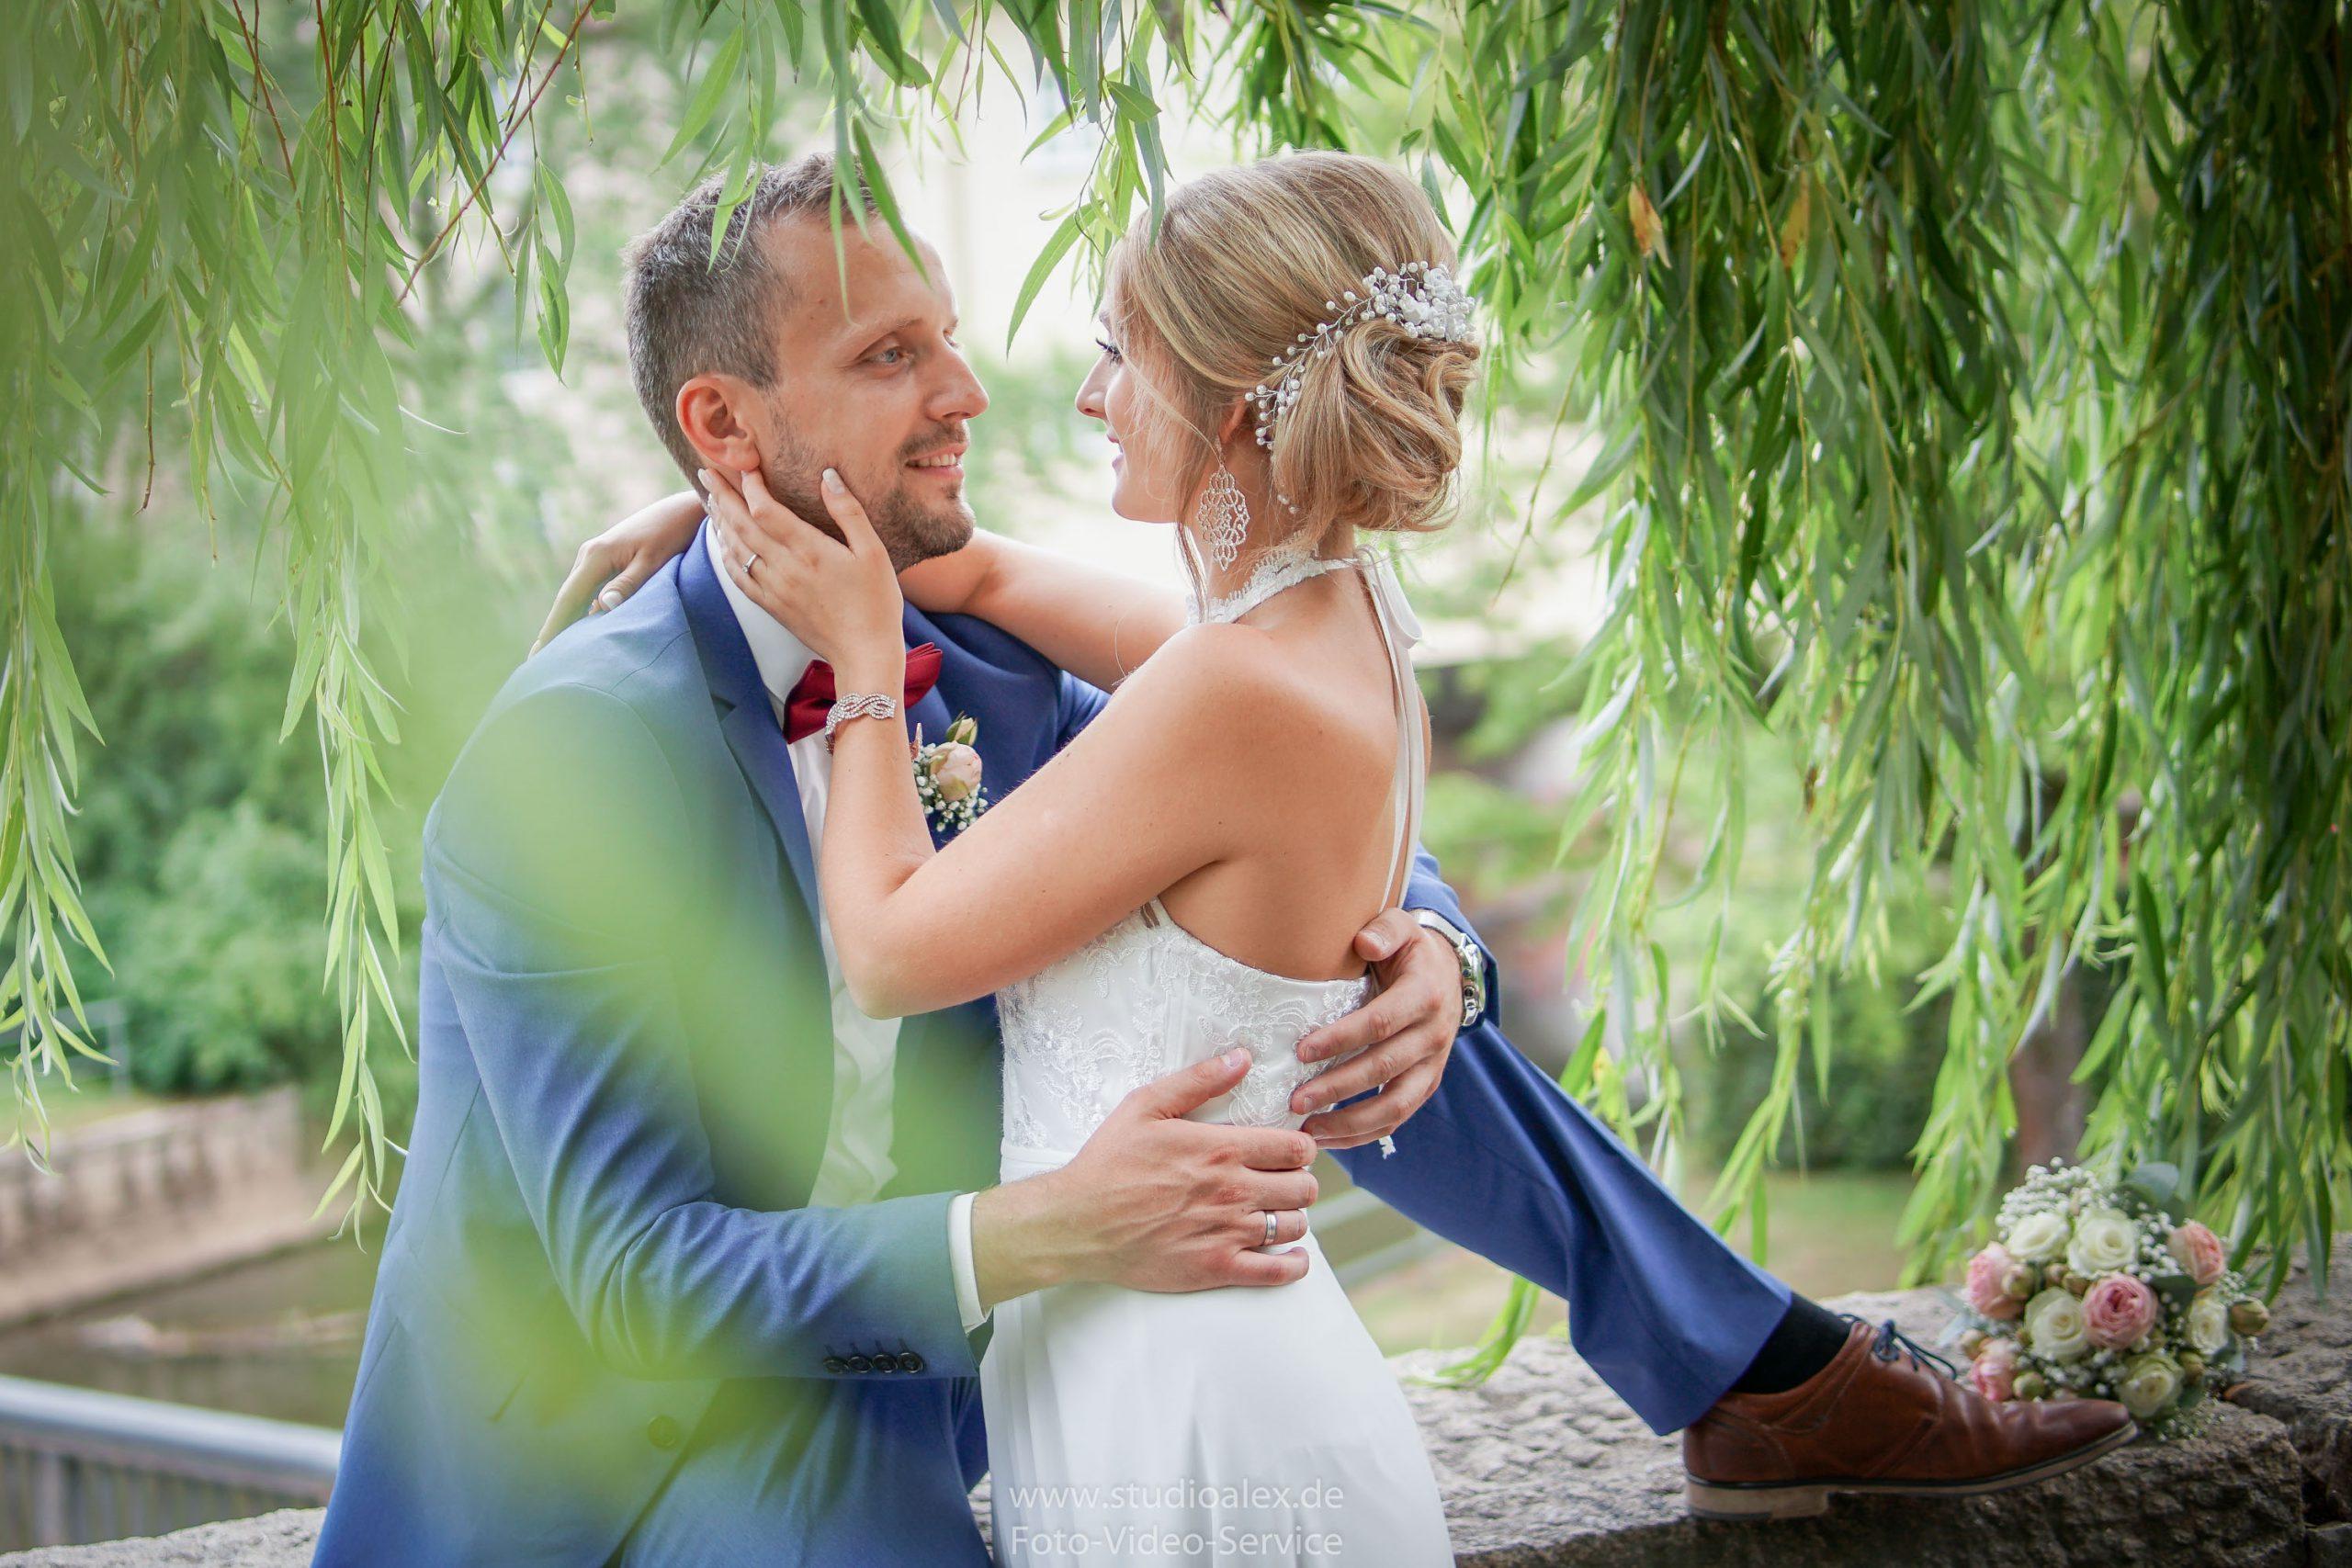 Hochzeitsfotograf-Amberg-Fotograf-für-standesamtliche-Trauung-im-Kümmersbruck.-Hochzeitsfotos-Bayern-07460-scaled.jpg